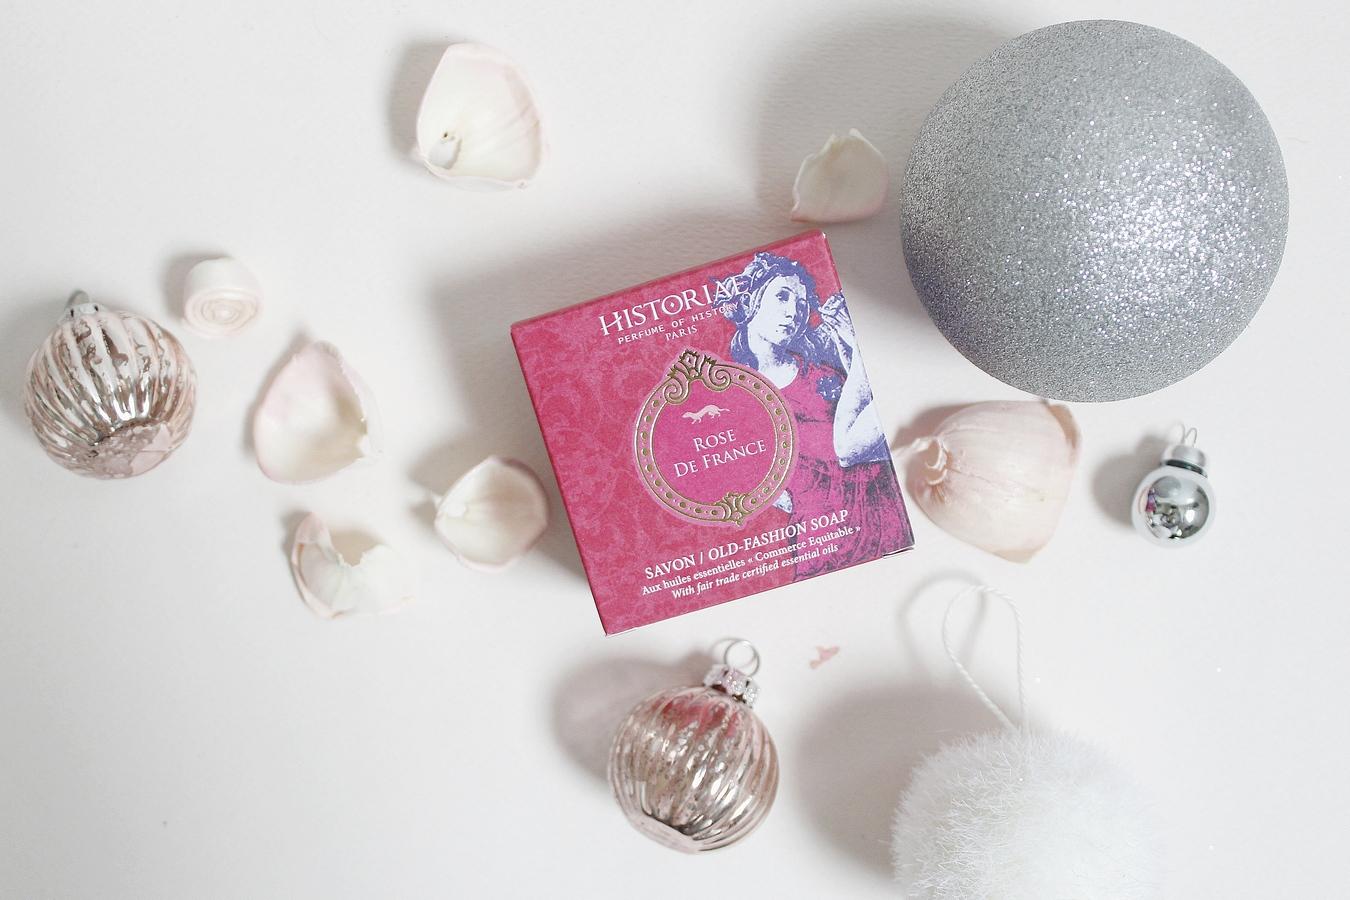 mignonneries du style madame parfums historiae beauté cosmétique made in france